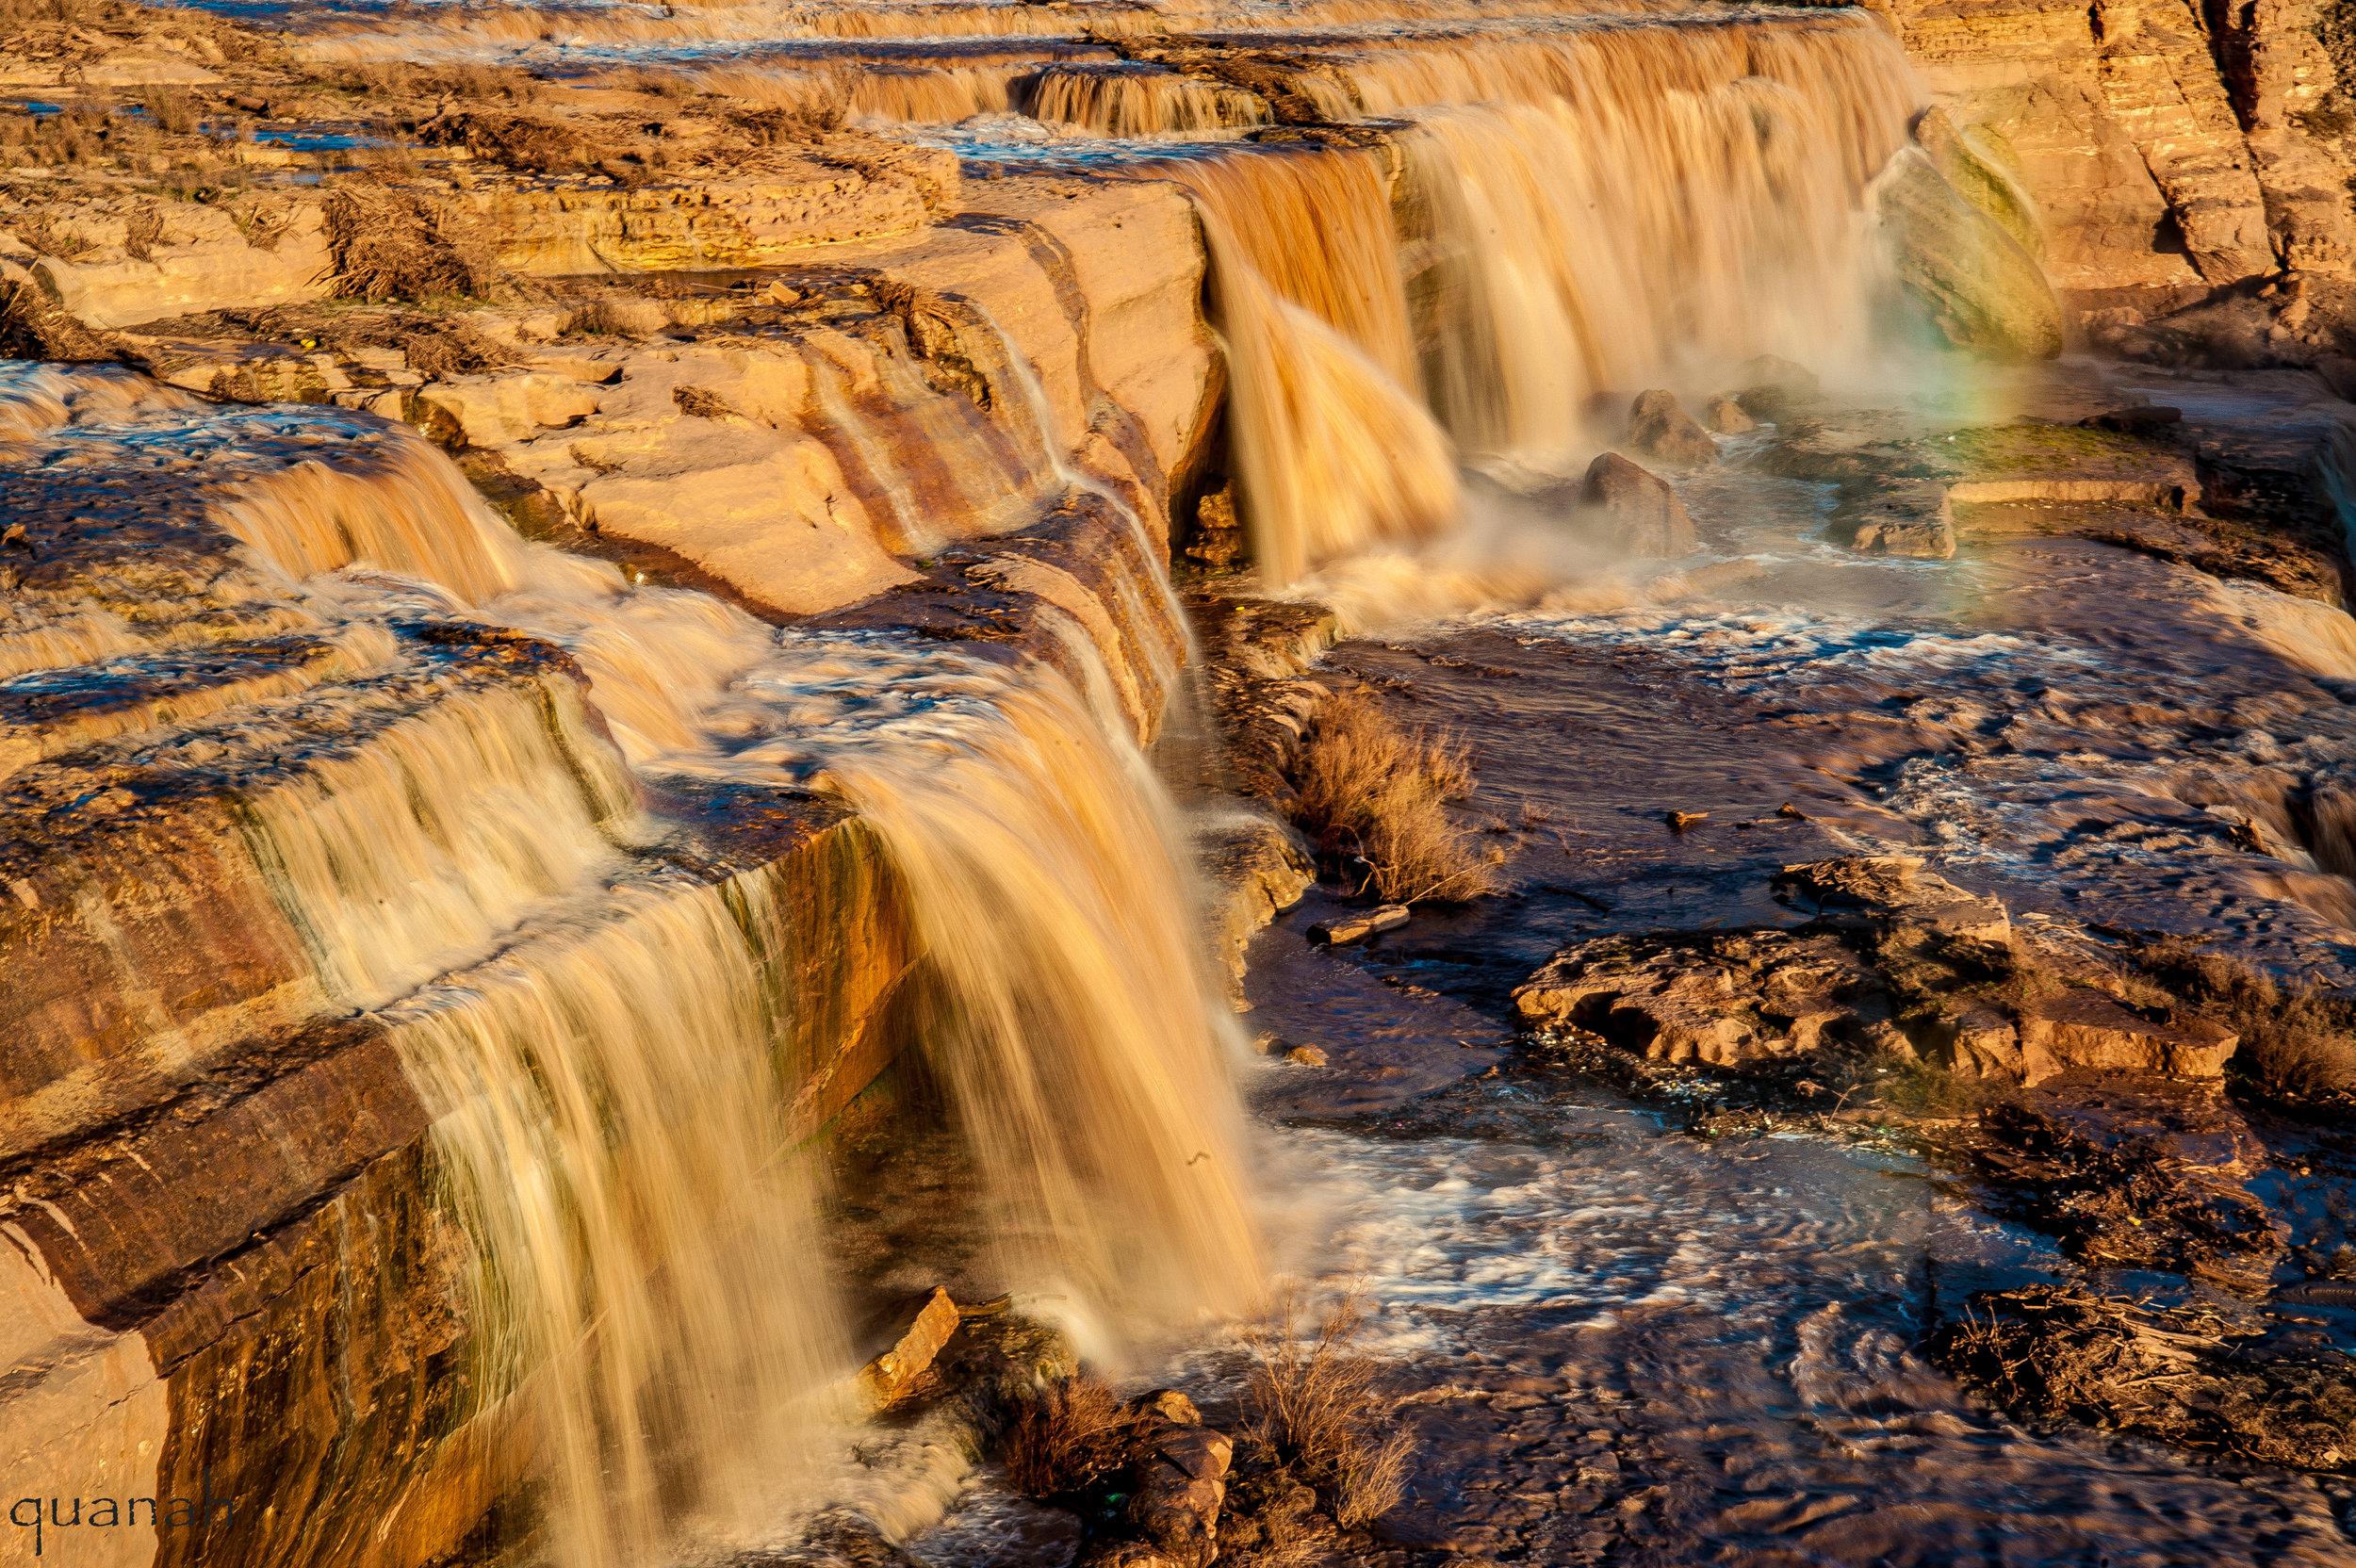 Grand Falls Overlook